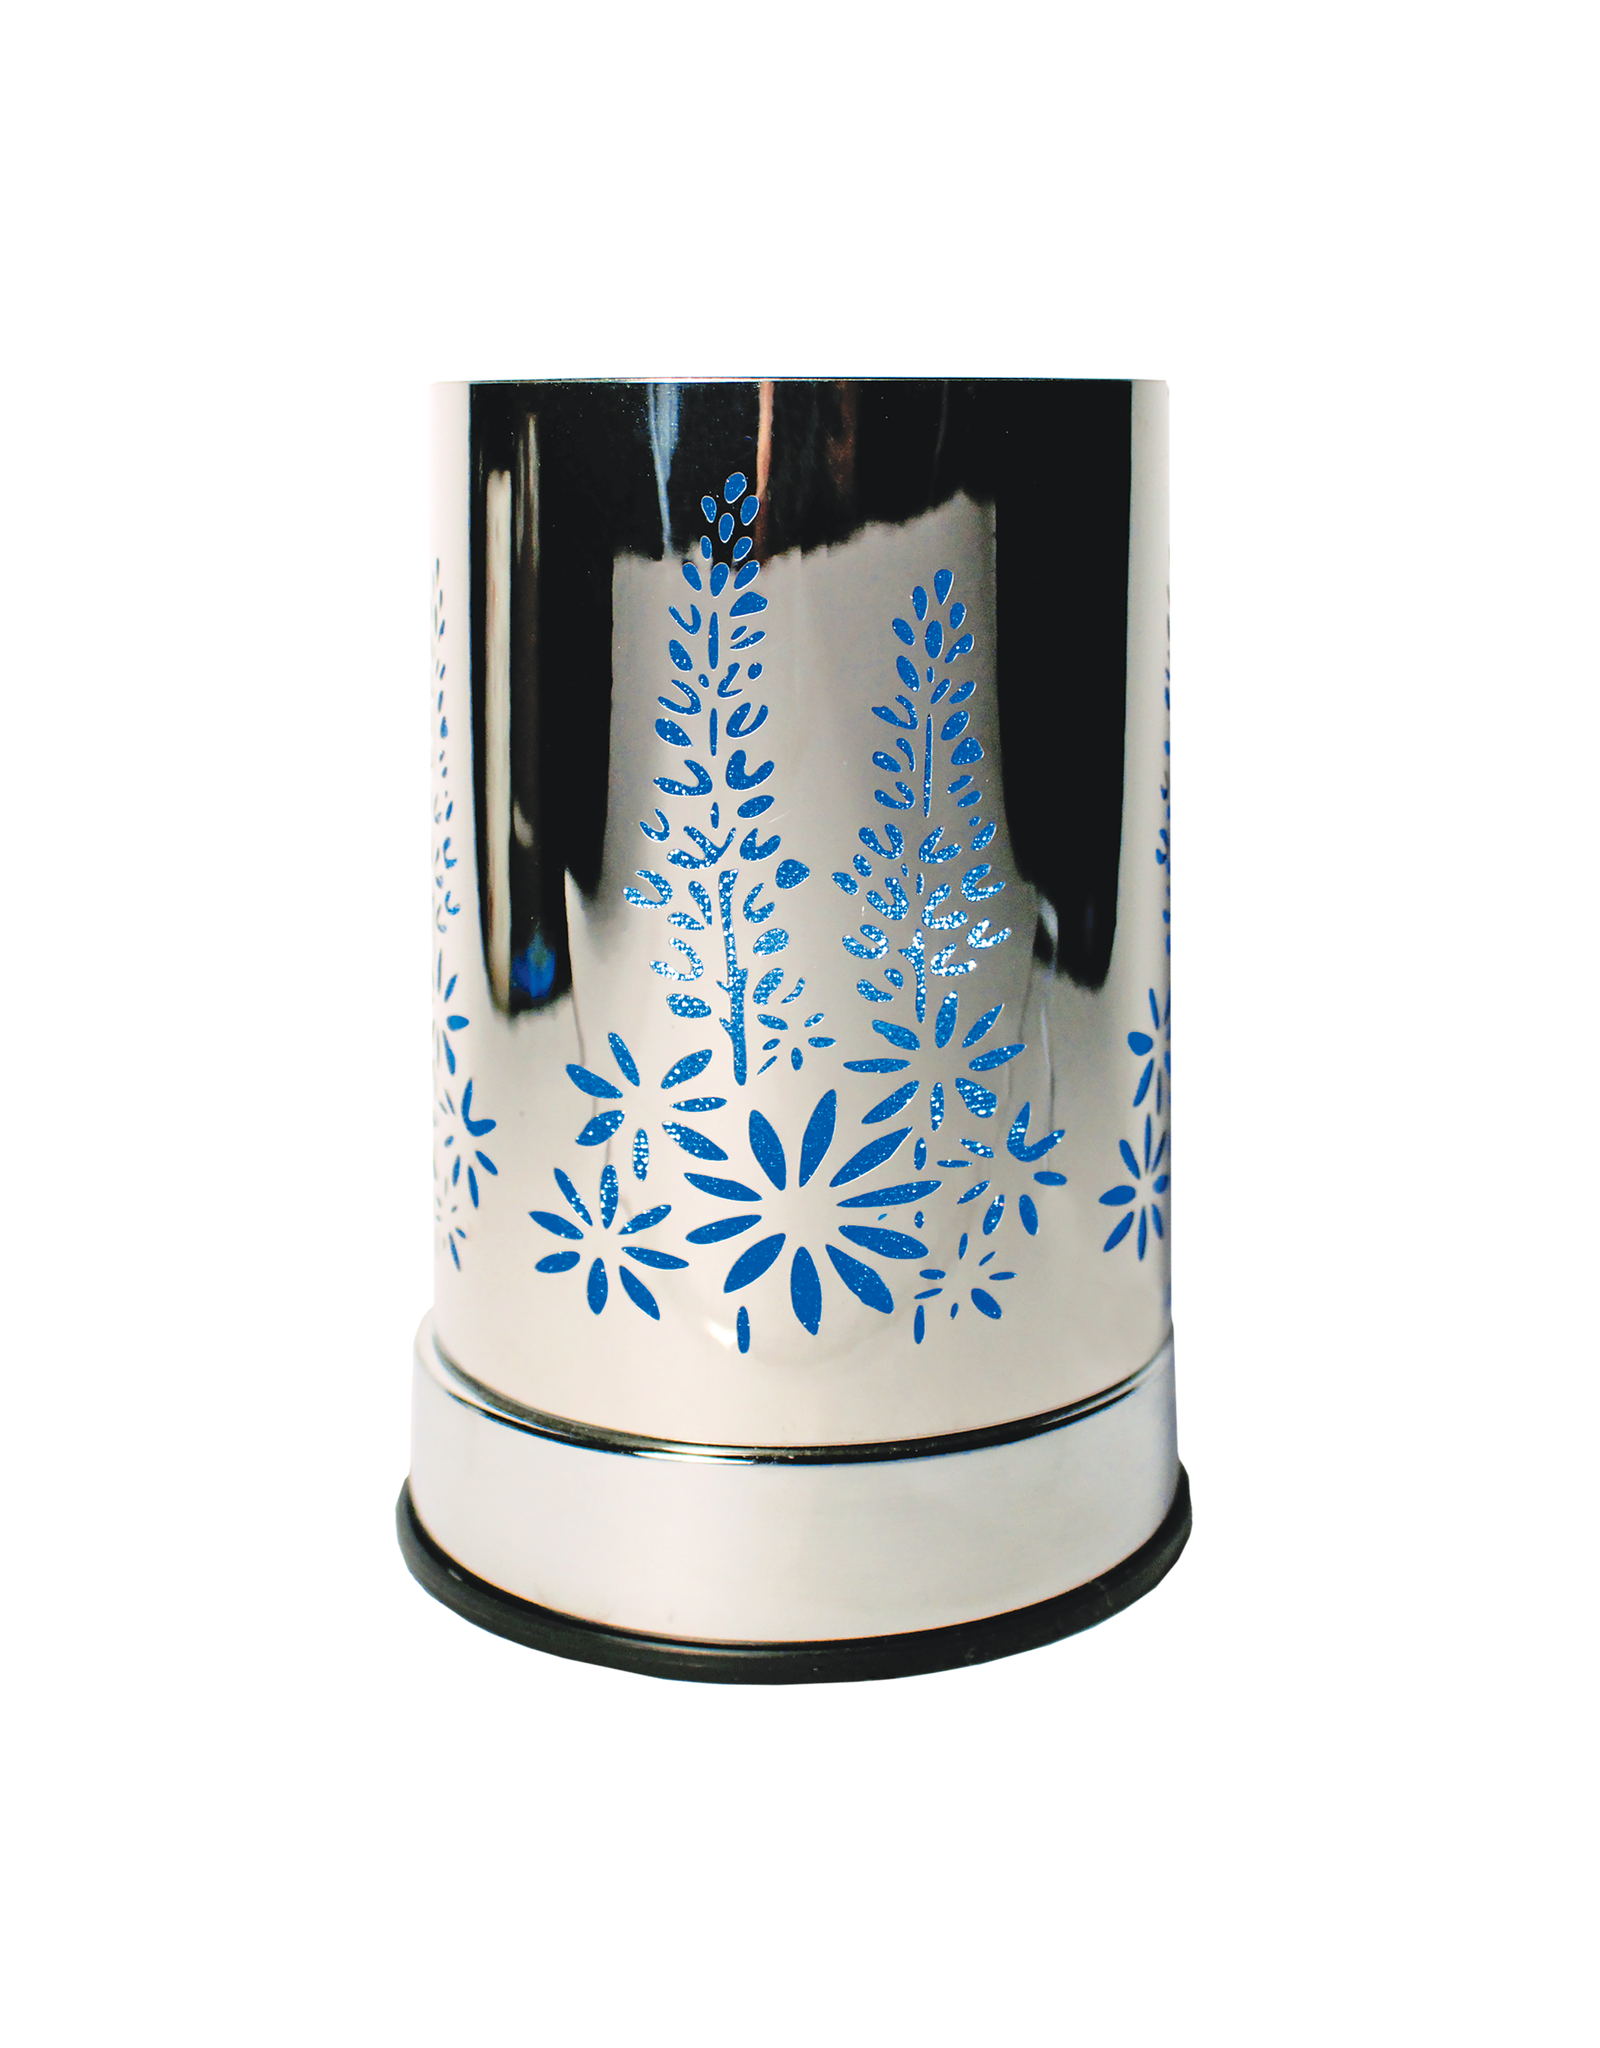 Scentchips Bluebonnet Fields Lantern